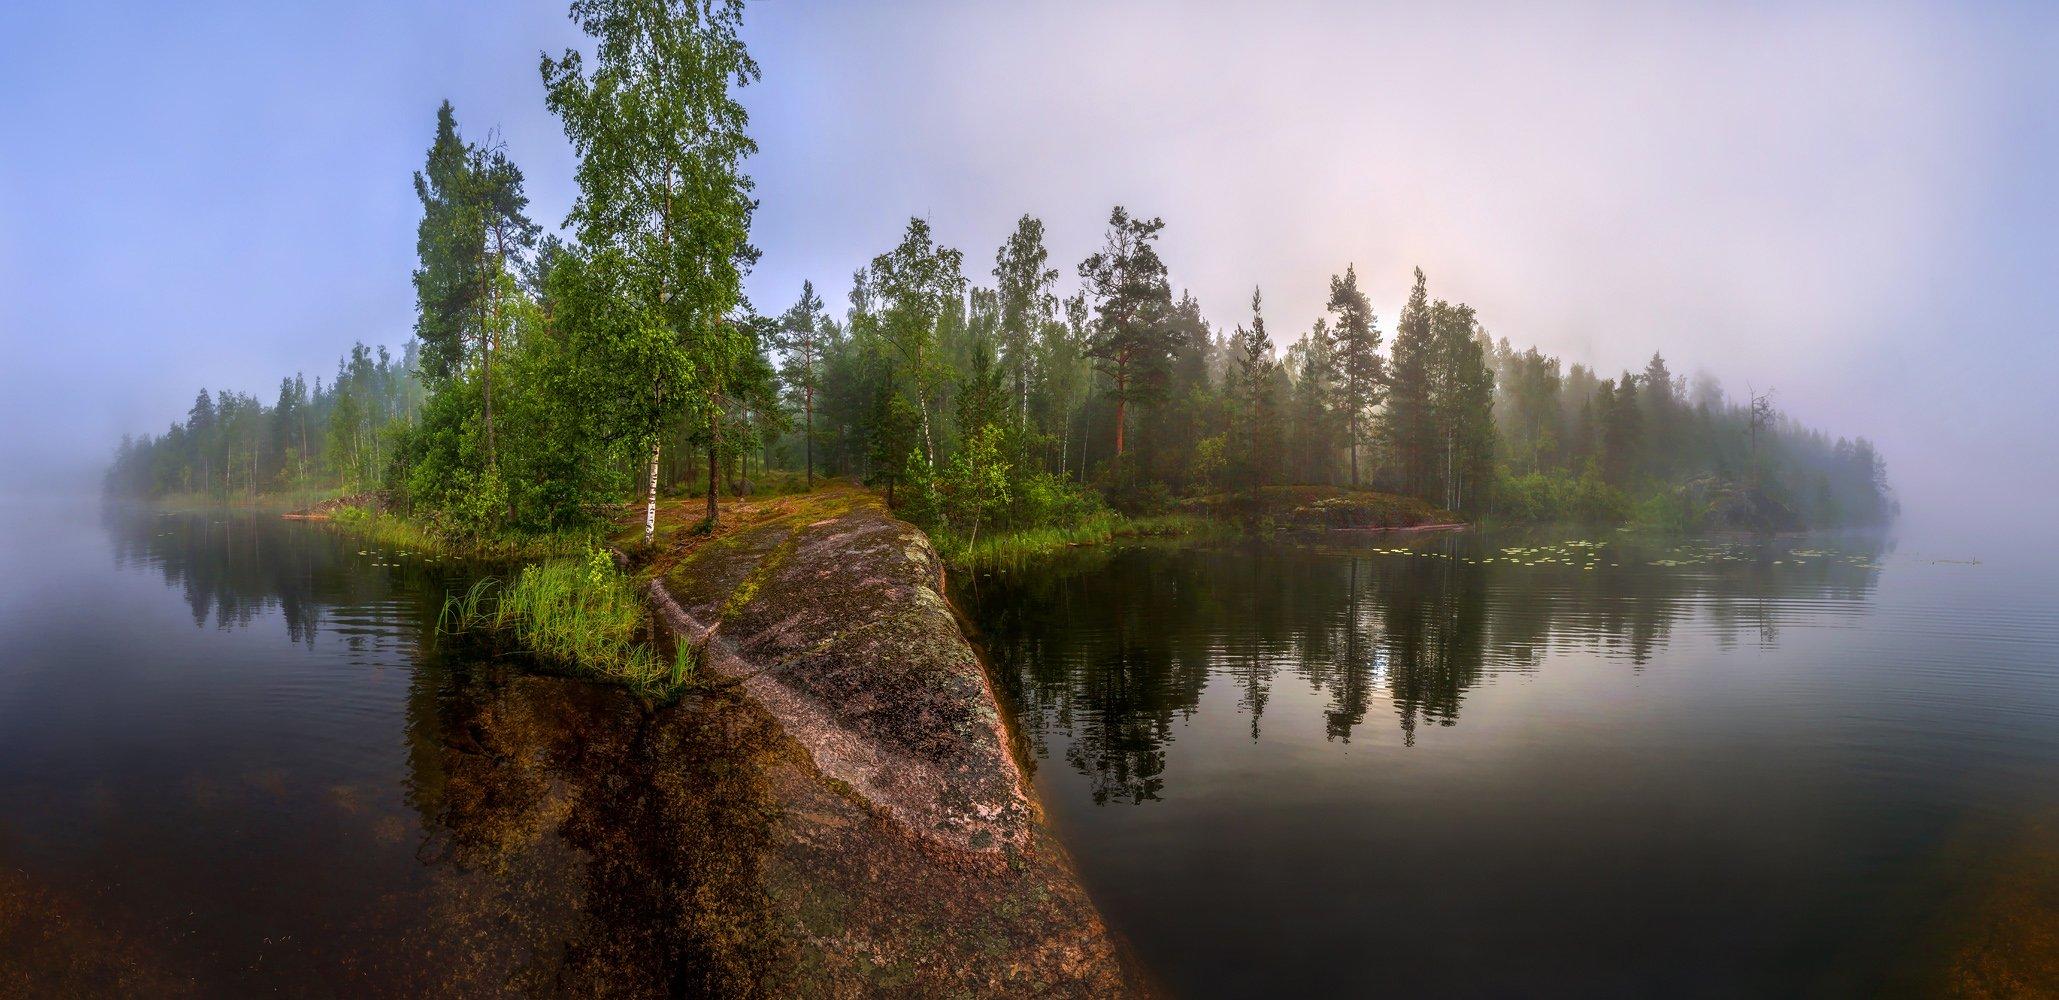 лето, болото, север, фототур, ленинградская область, озеро, туман, рассвет., Лашков Фёдор